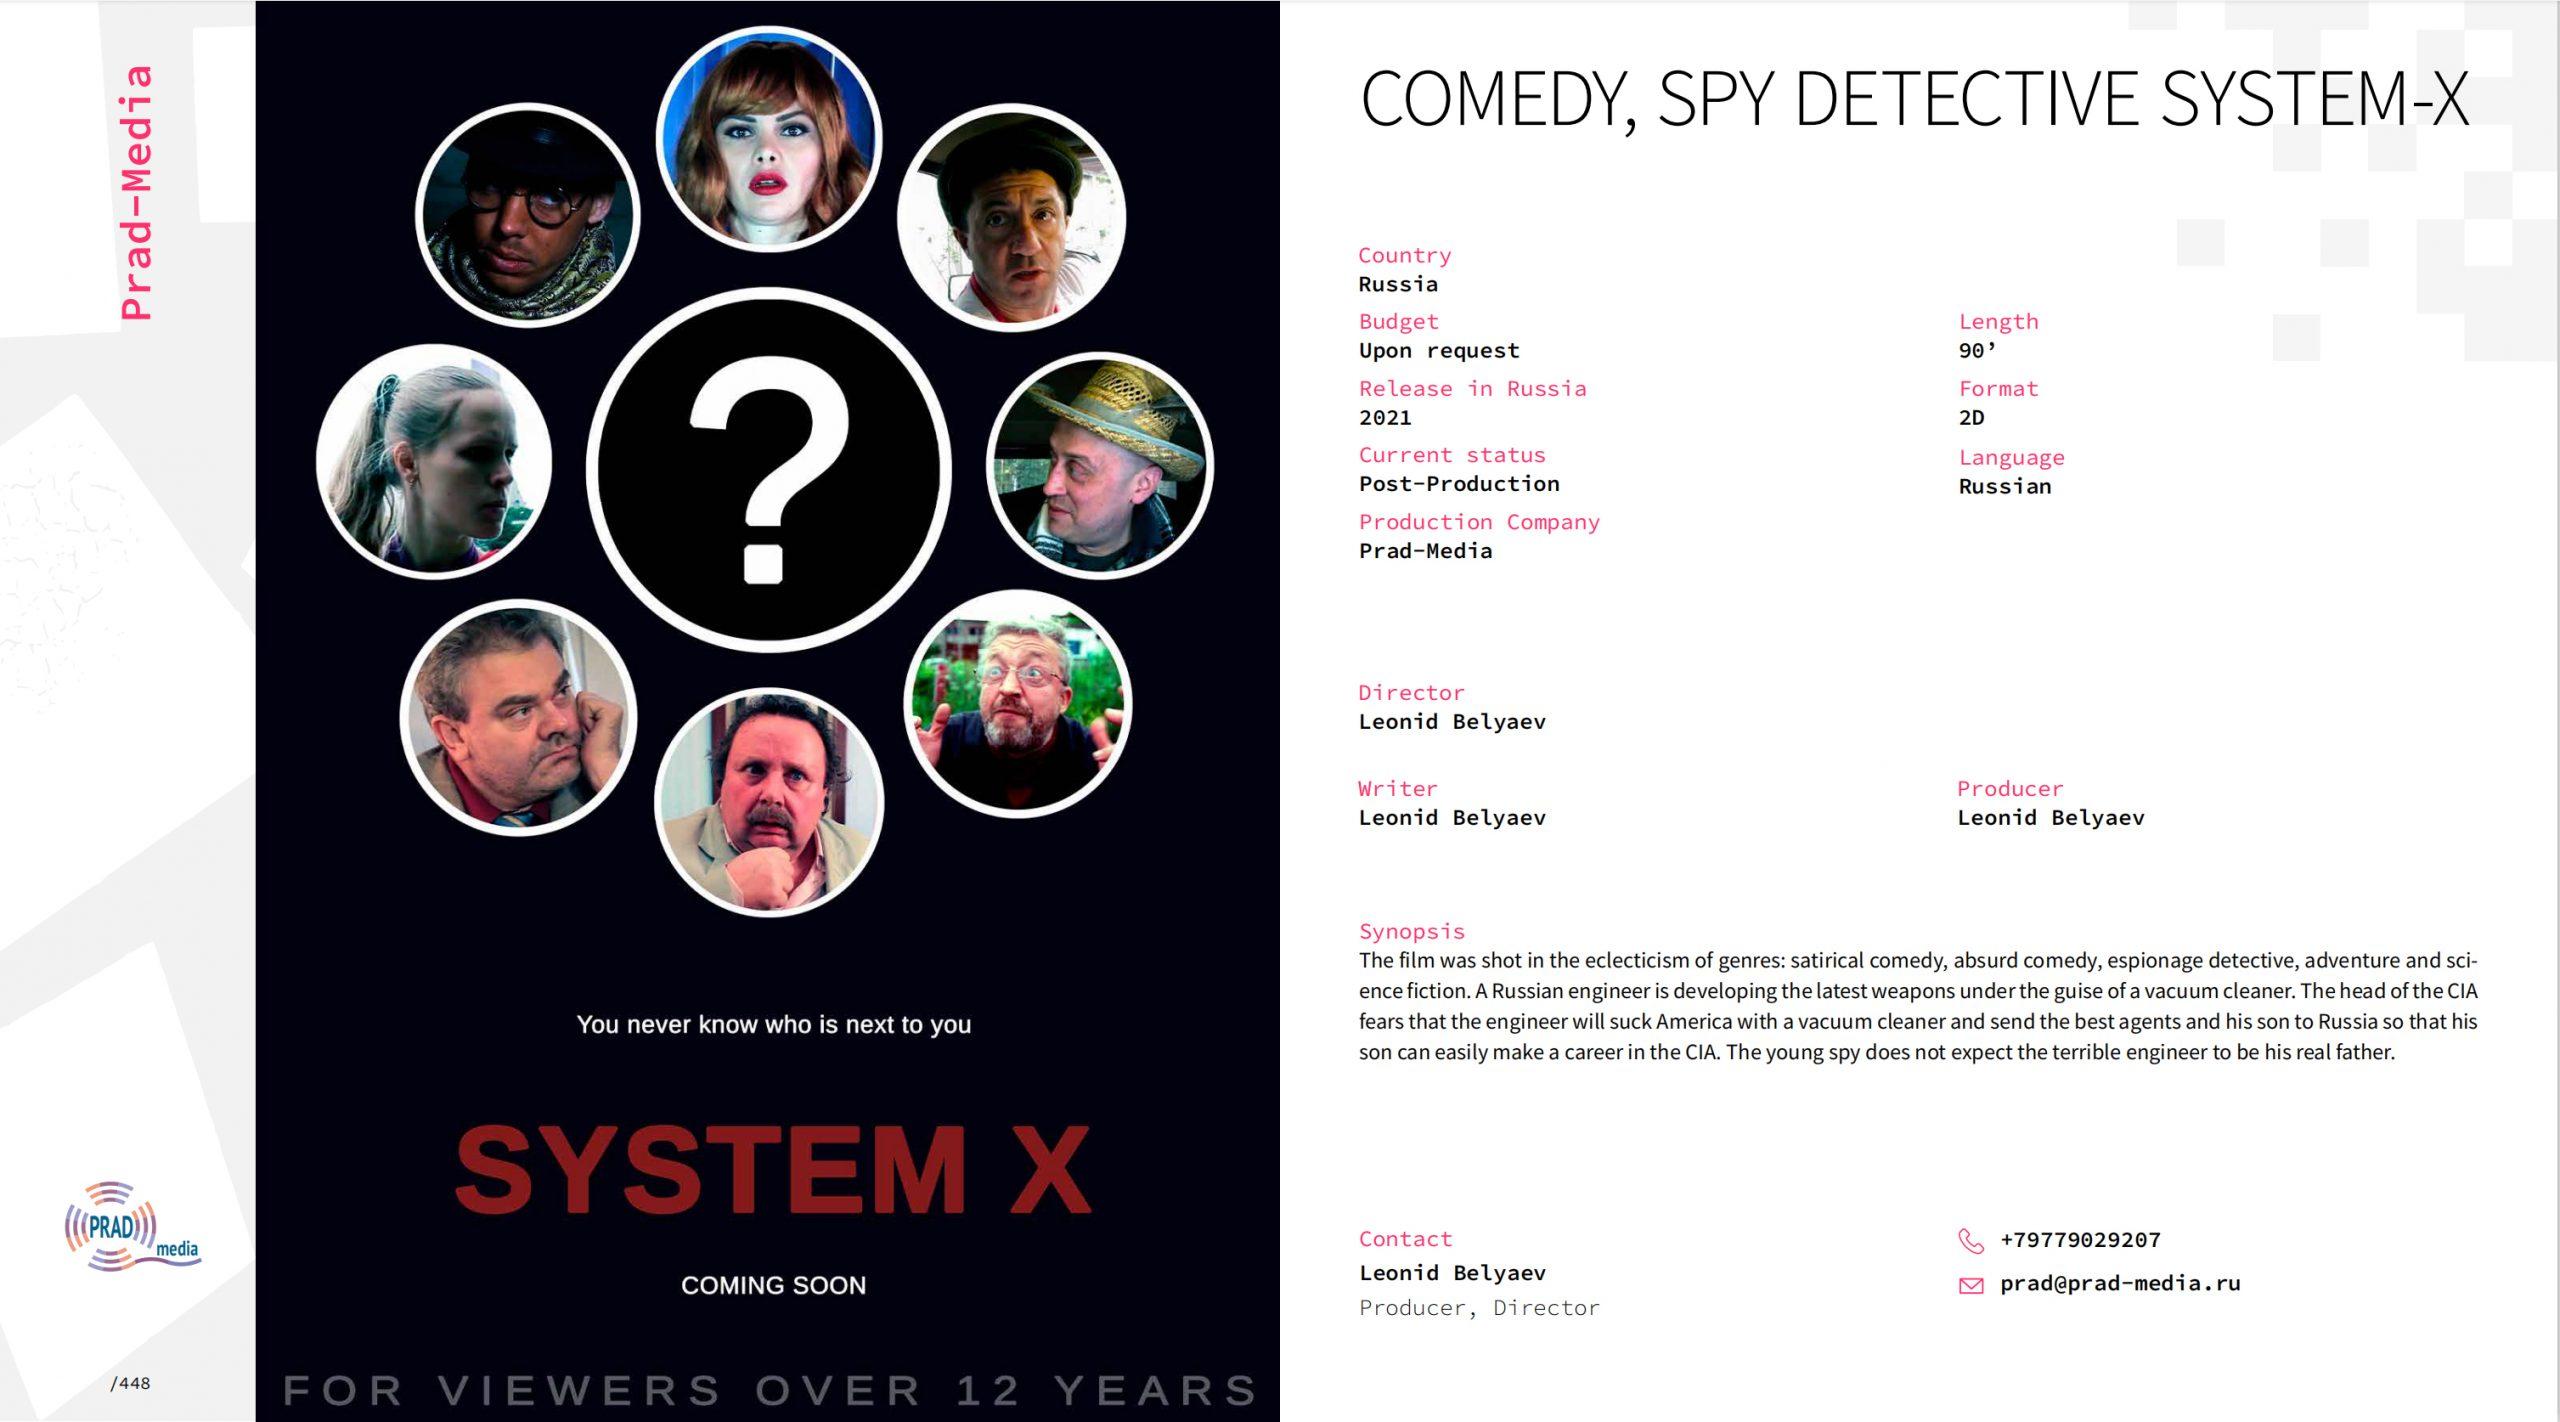 Система Х, кинорынок, КВЕ2020, Роскино, ключевых, зарубежных, байеров